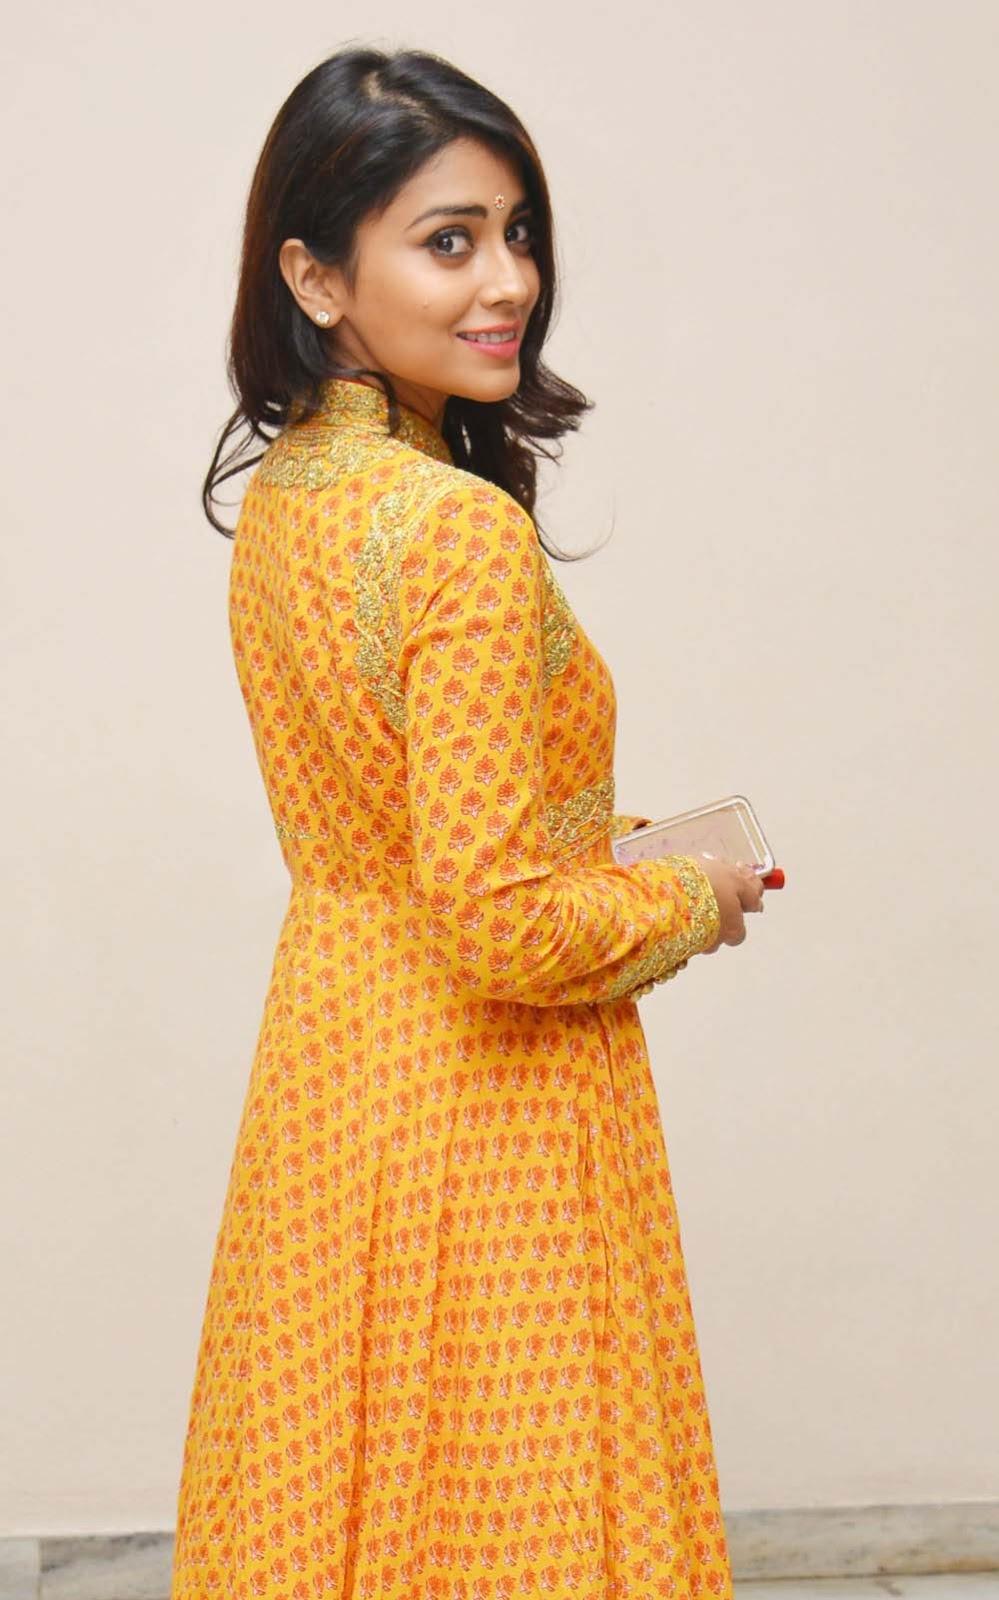 Shriya Saran In Yellow Dress